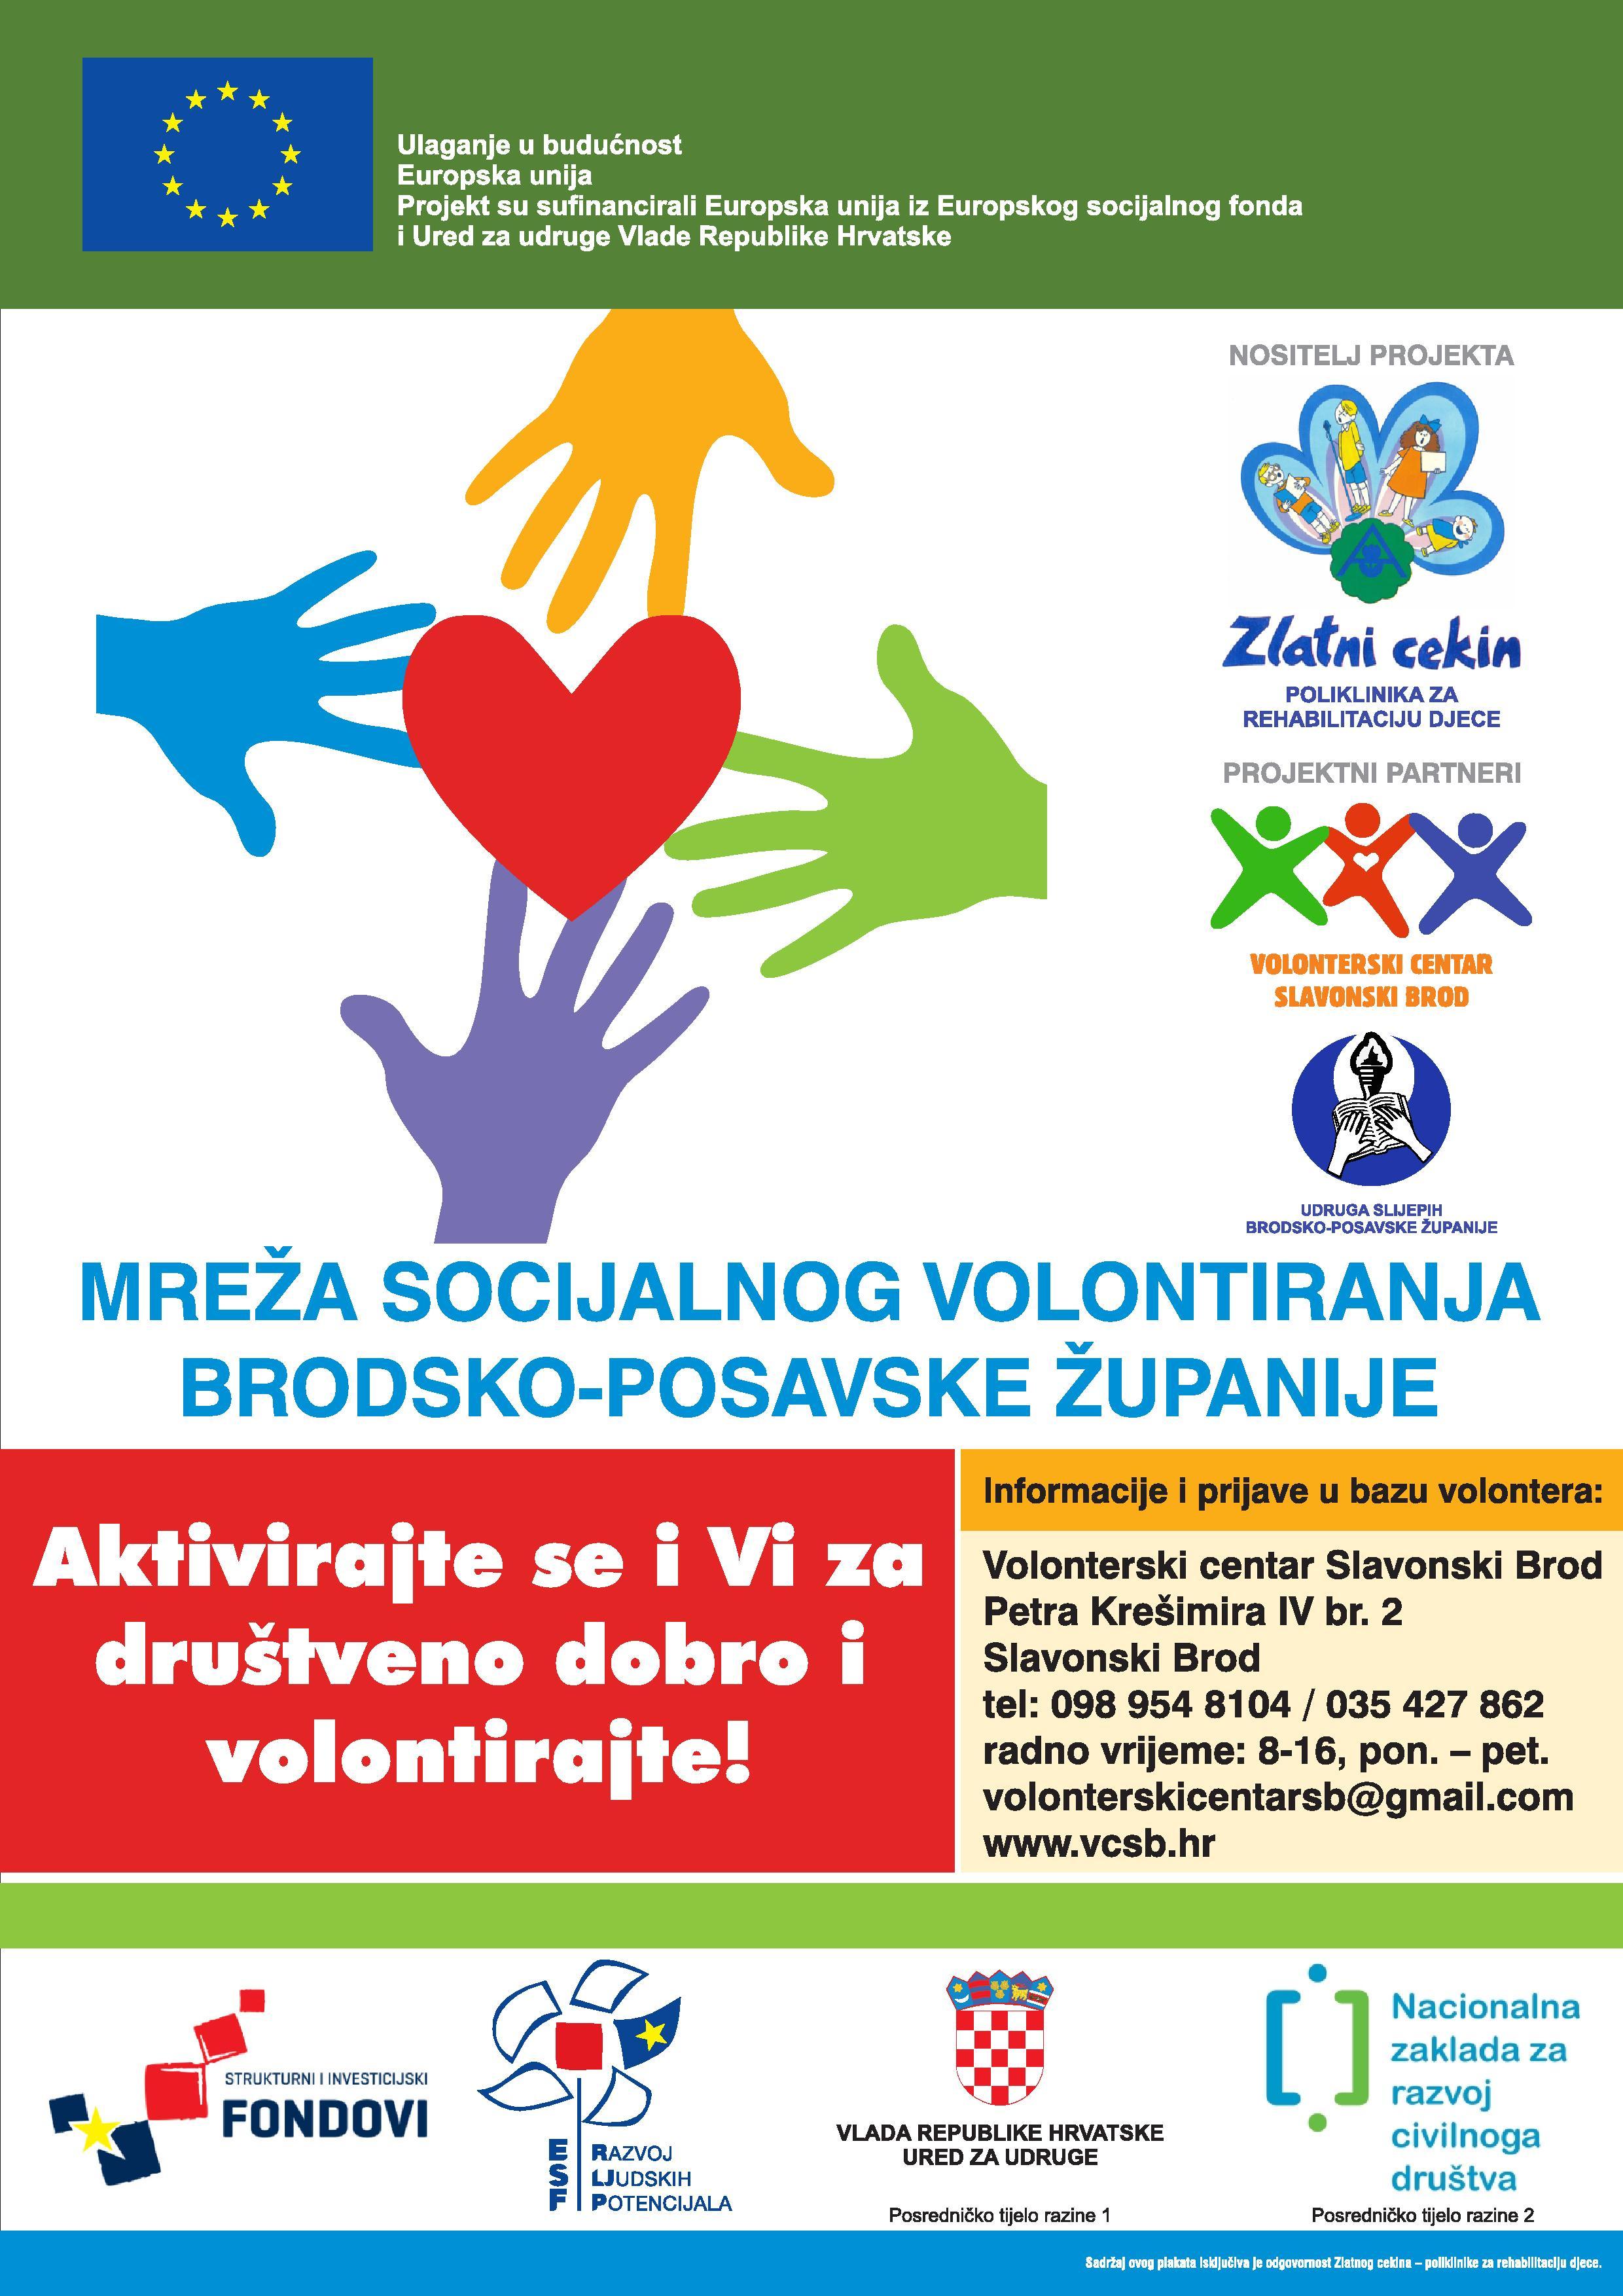 Plakat - Mreža socijalnog volontiranja Brodsko-posavske županije